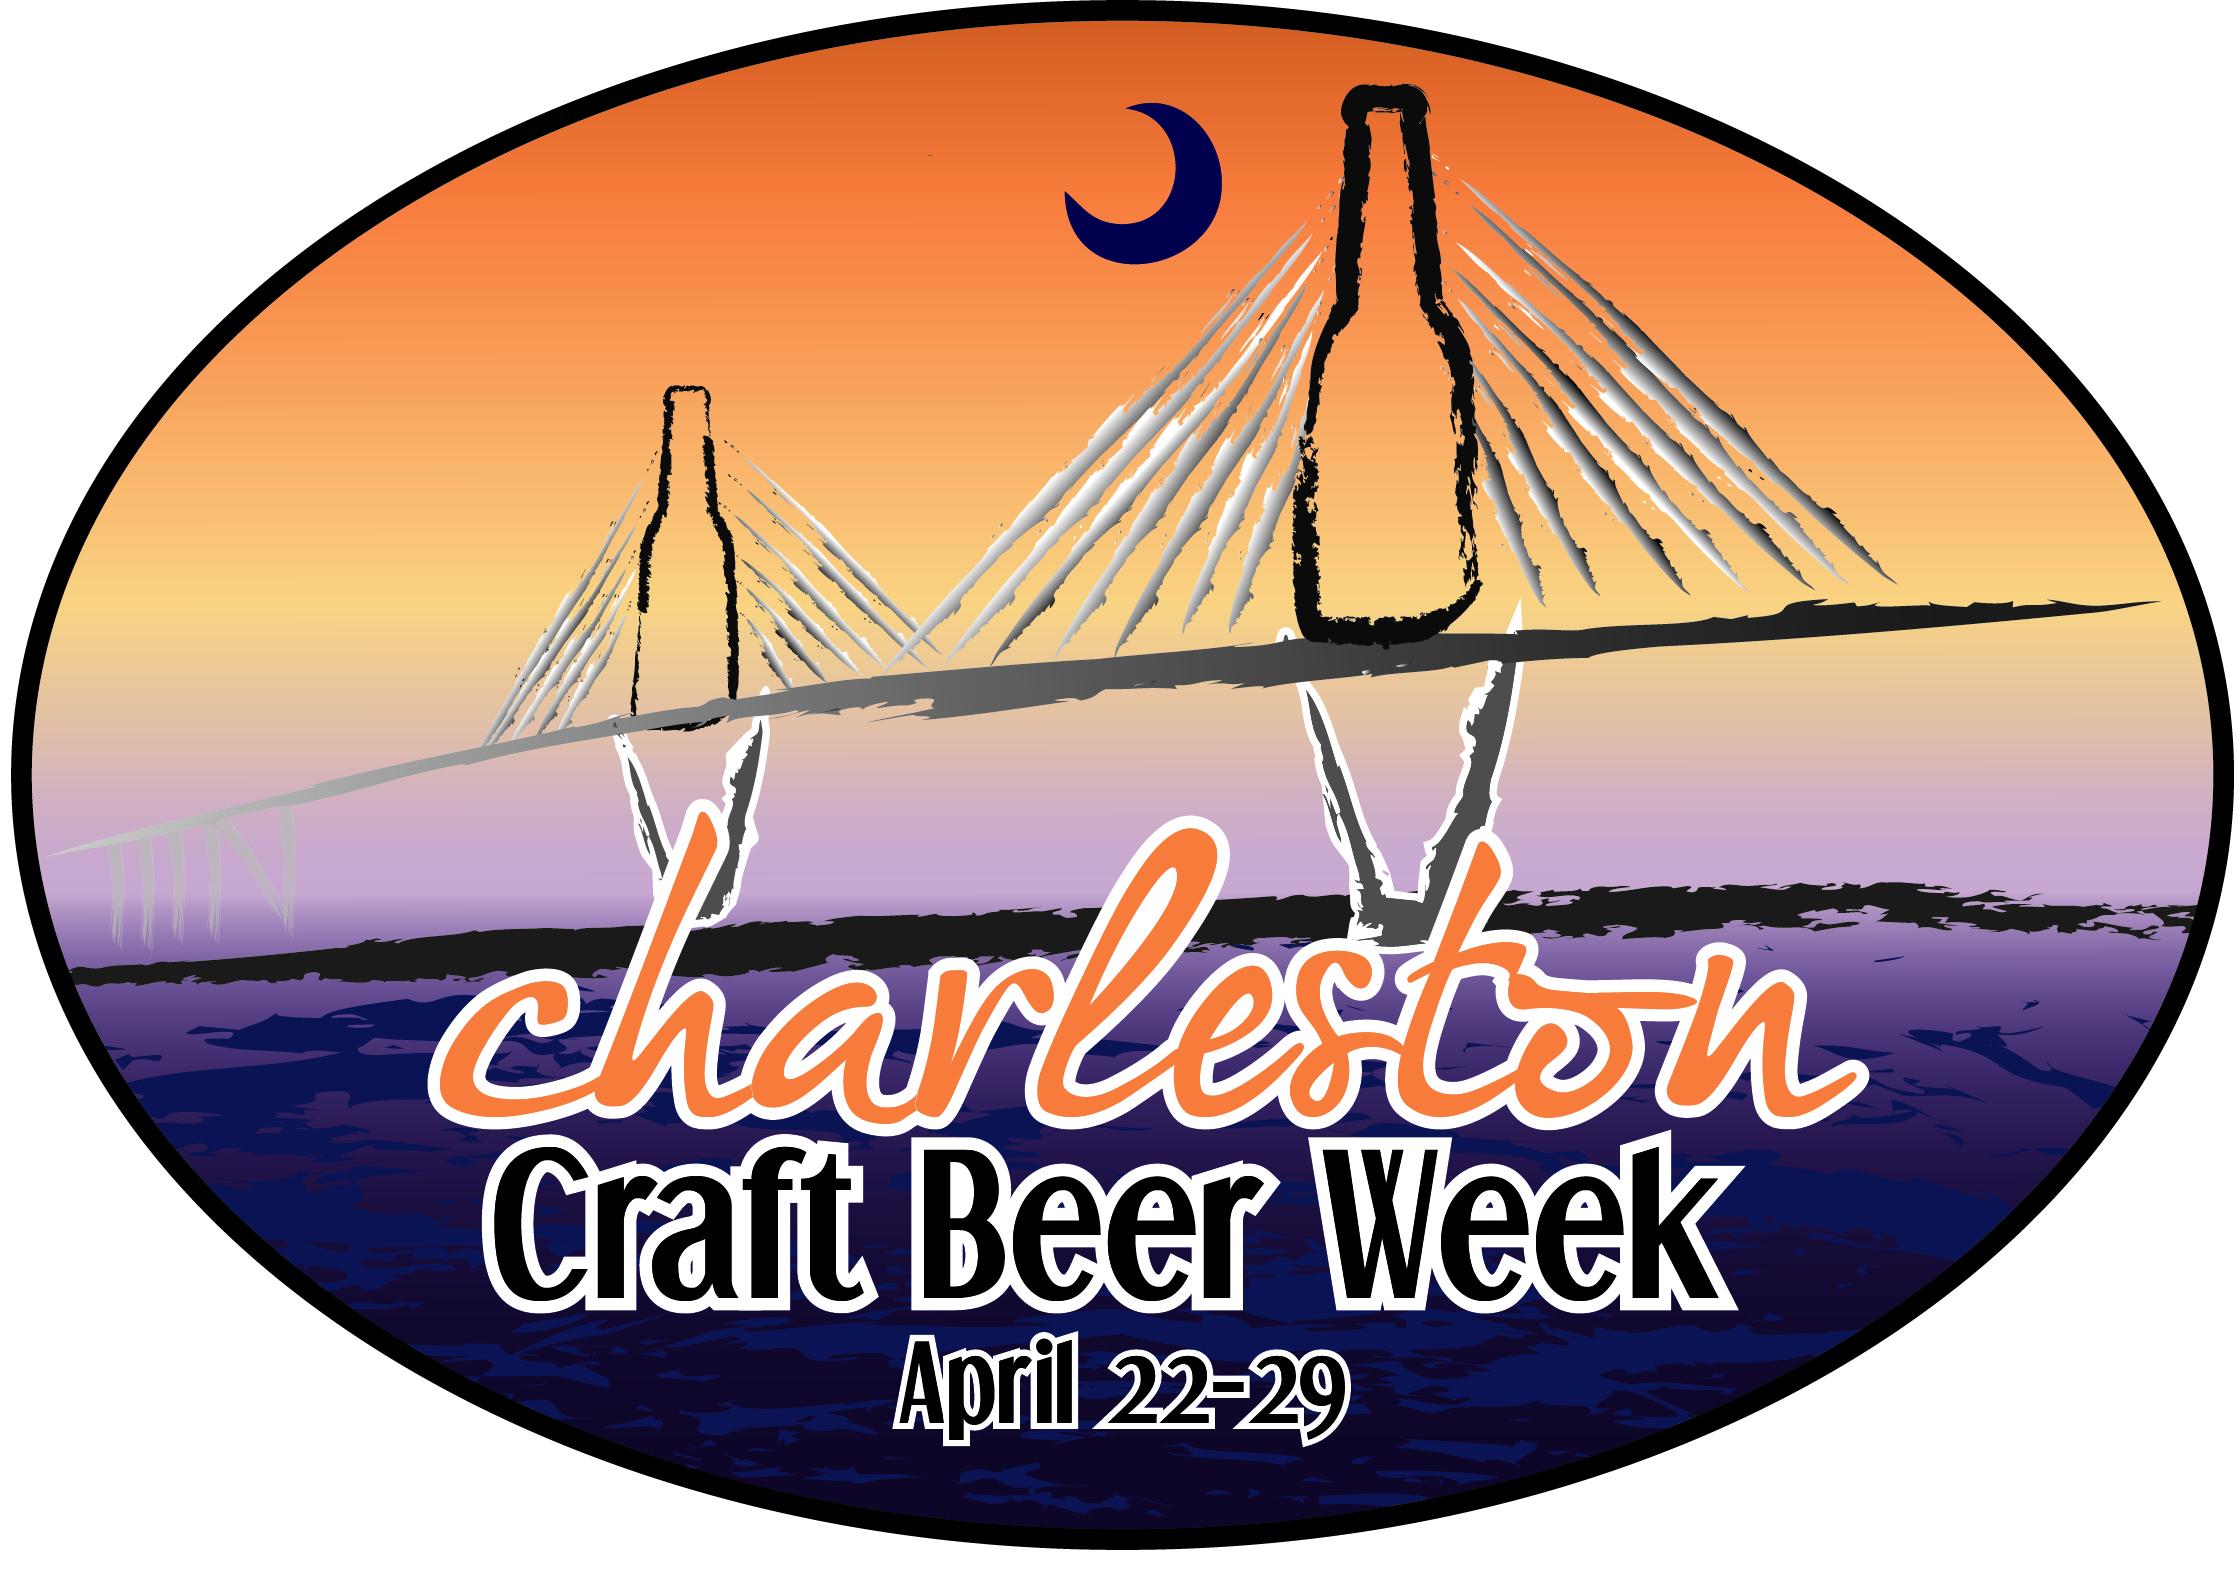 Charleston Craft Beer Week | CraftBeer.com